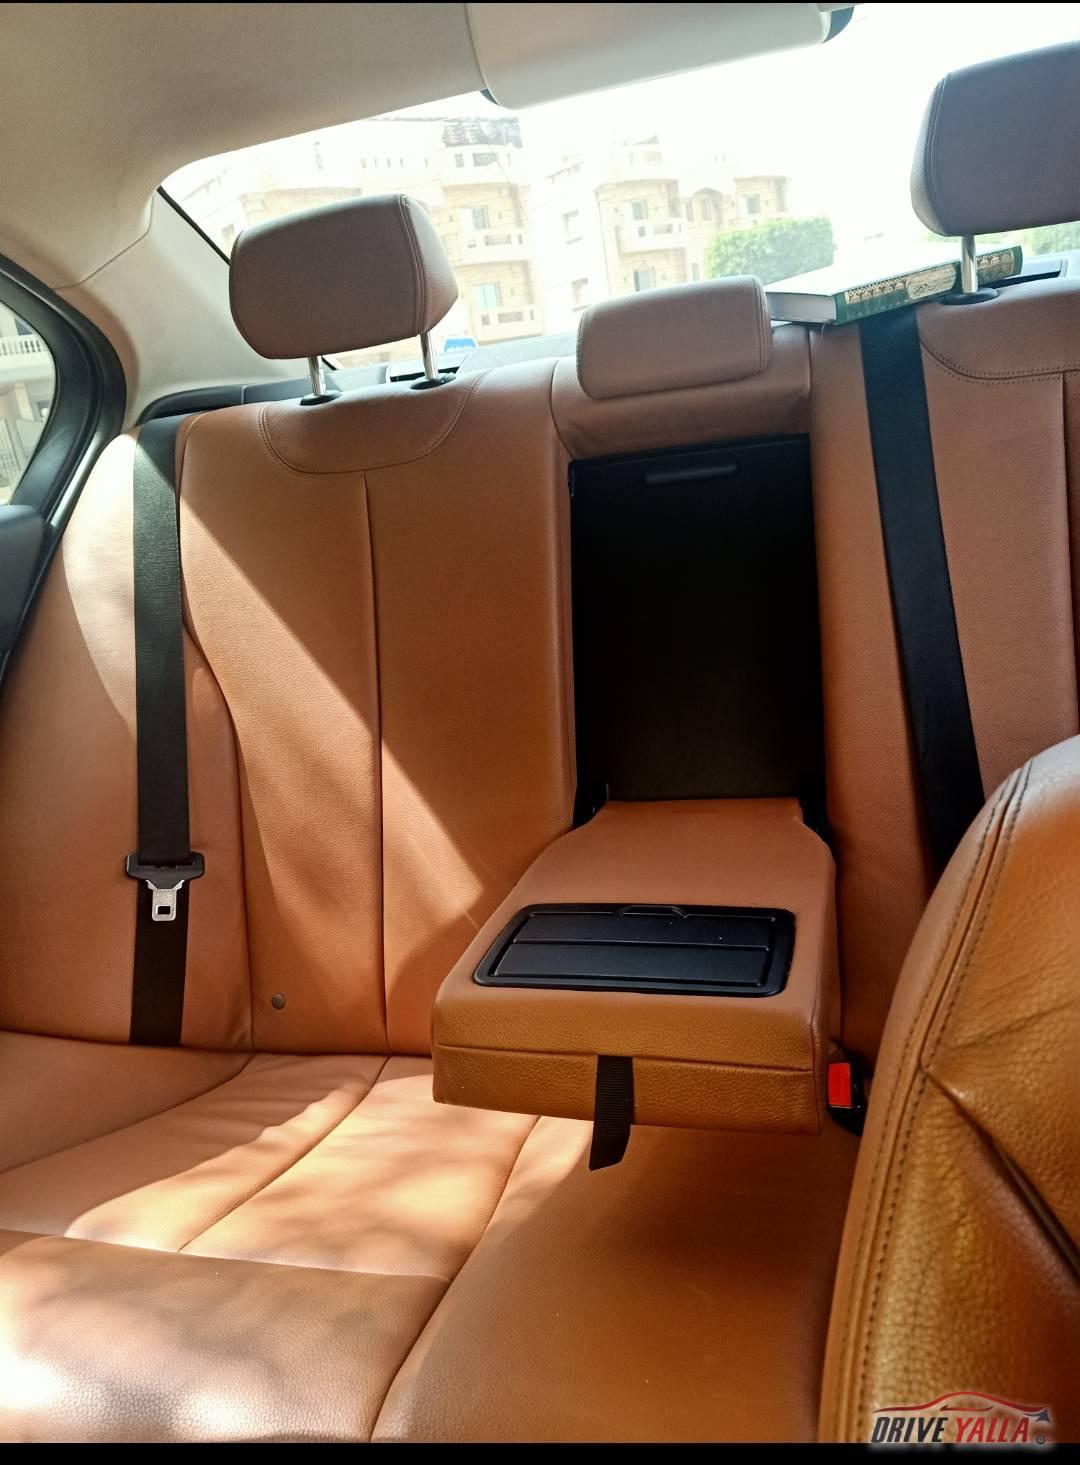 بى أم دبليو 318 luxury مستعملة للبيع فى مصر 2017